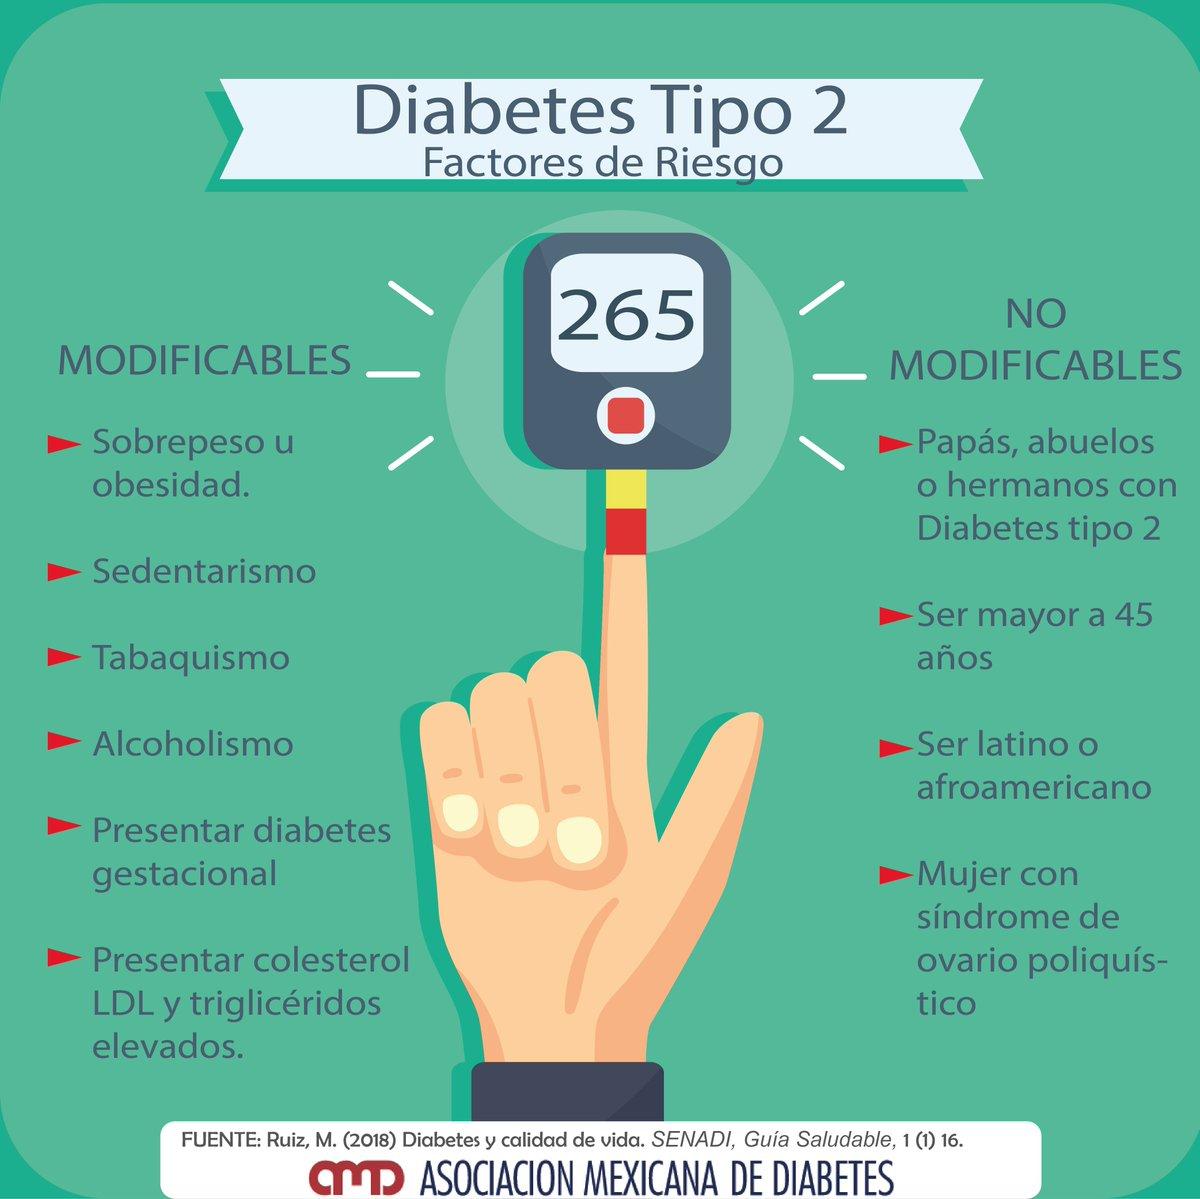 riesgos para desarrollar diabetes